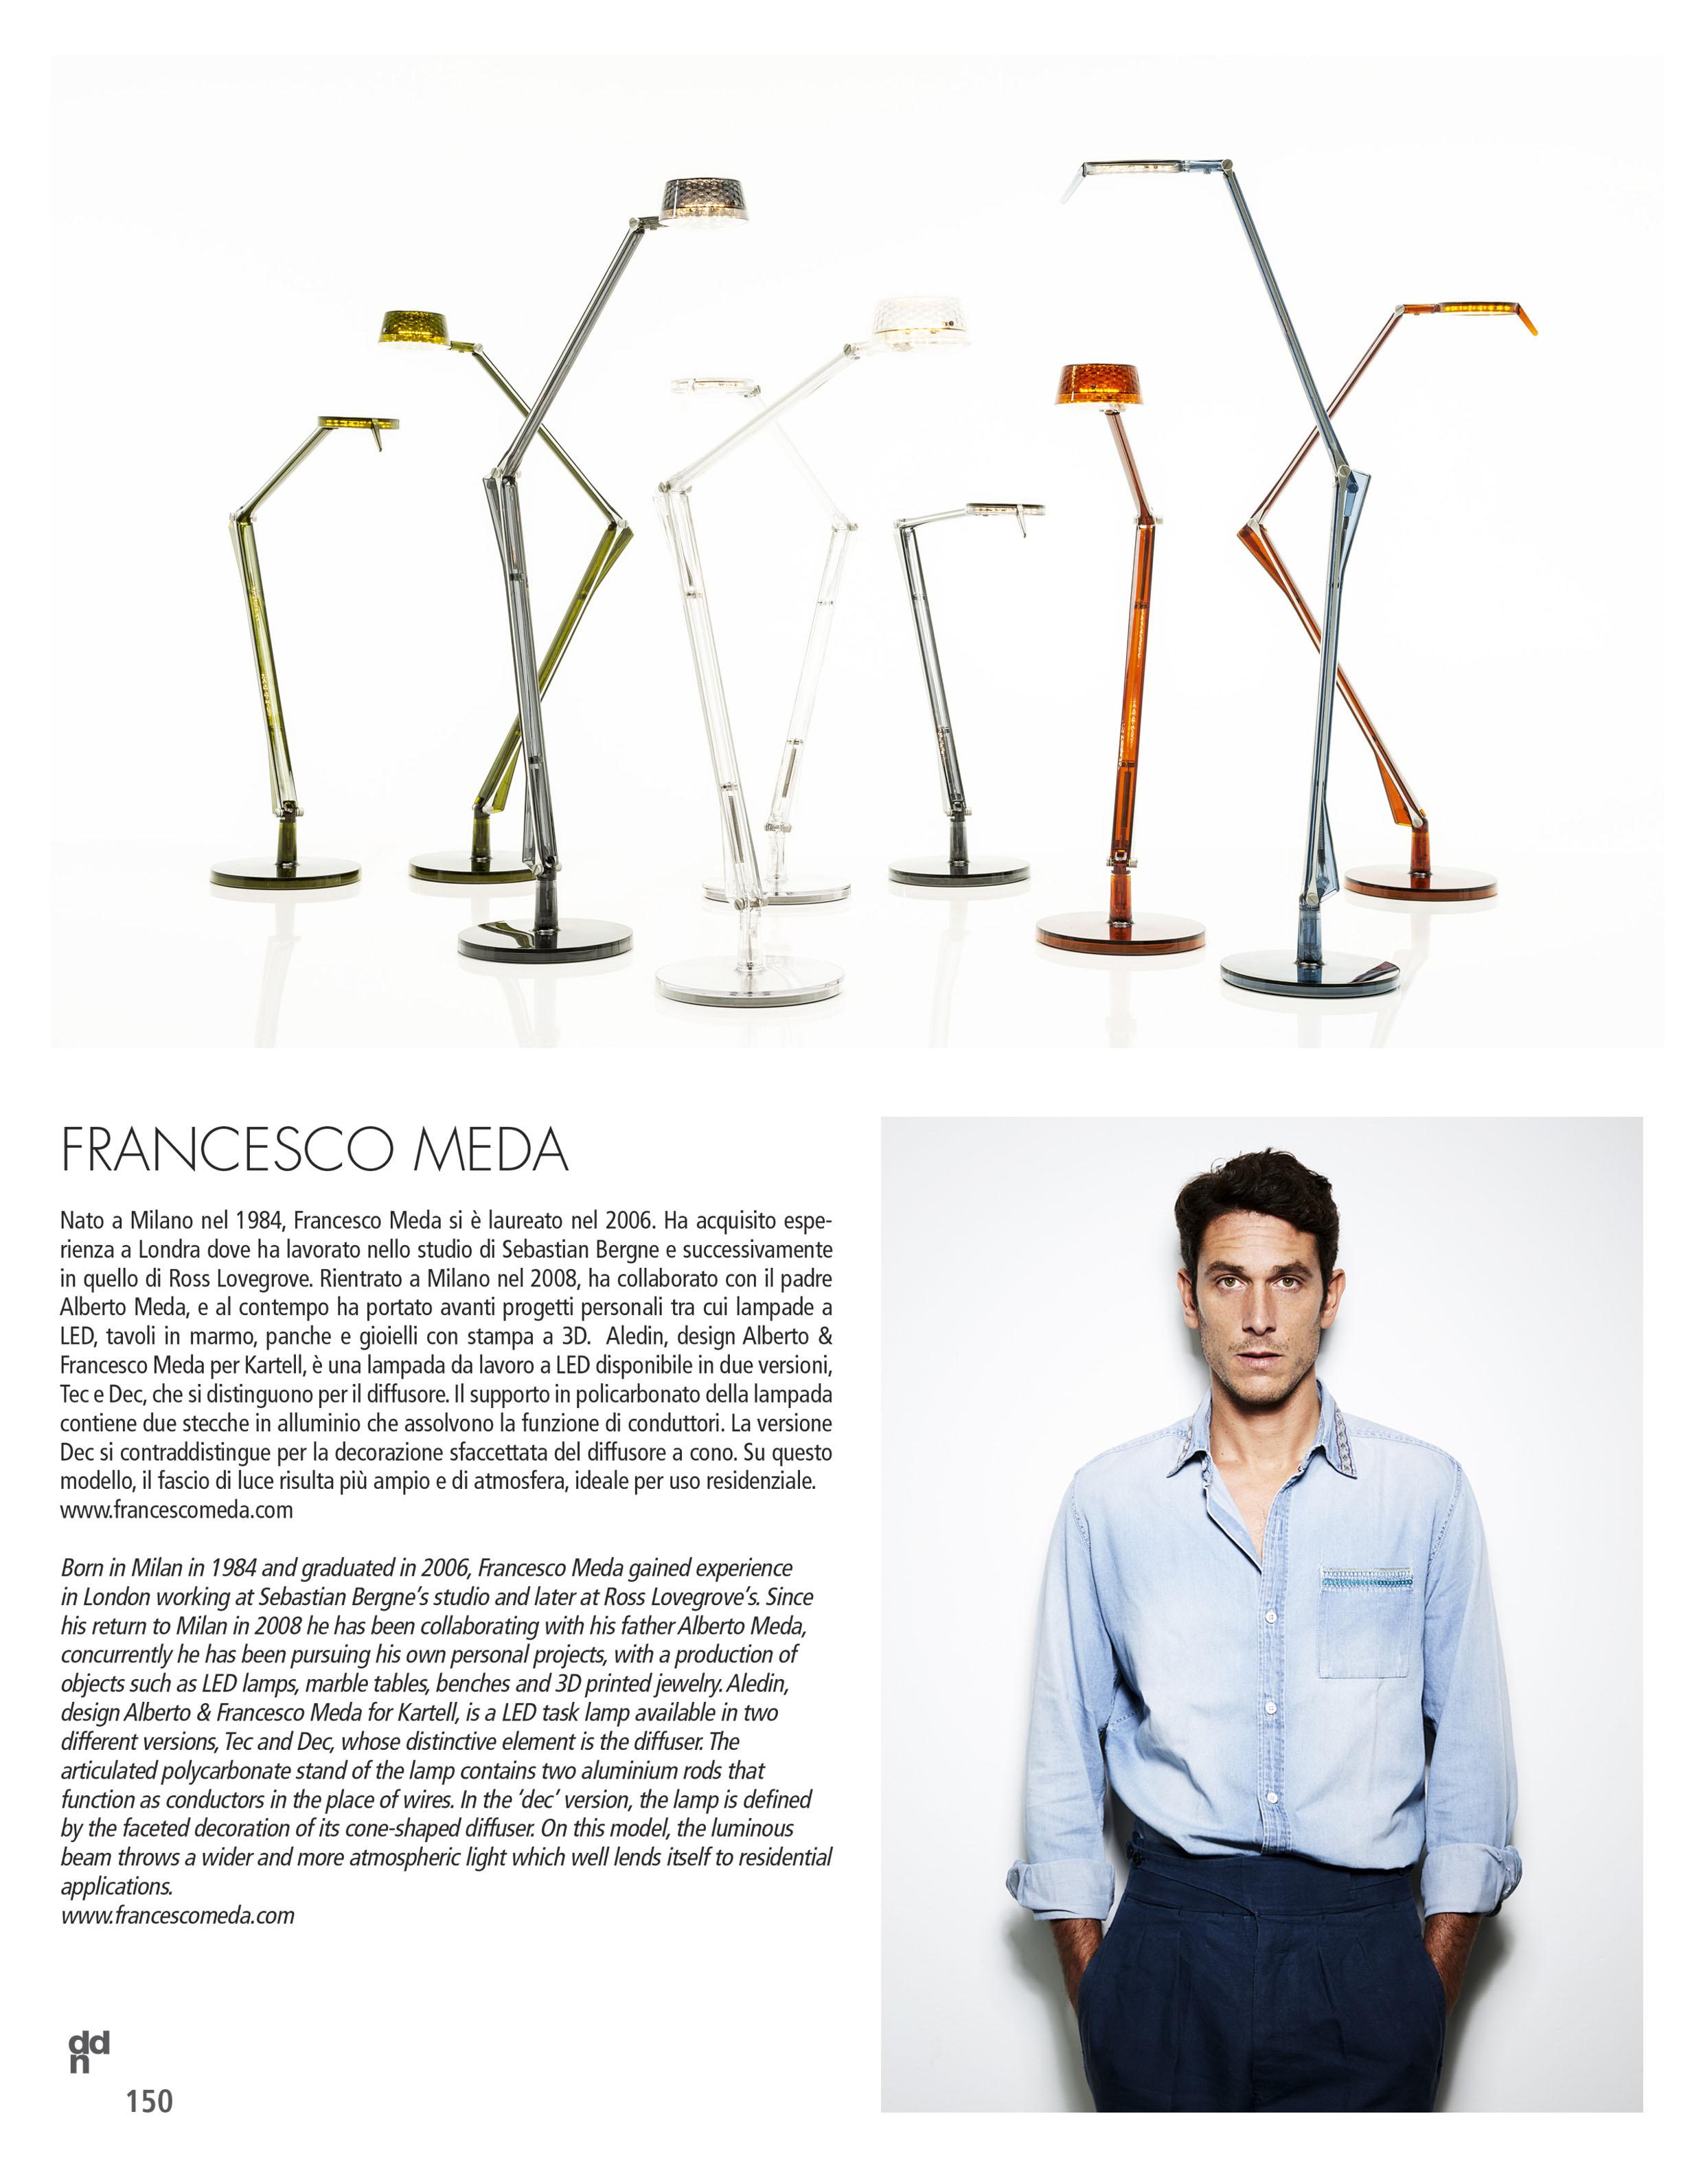 Francesco meda ddn.jpg